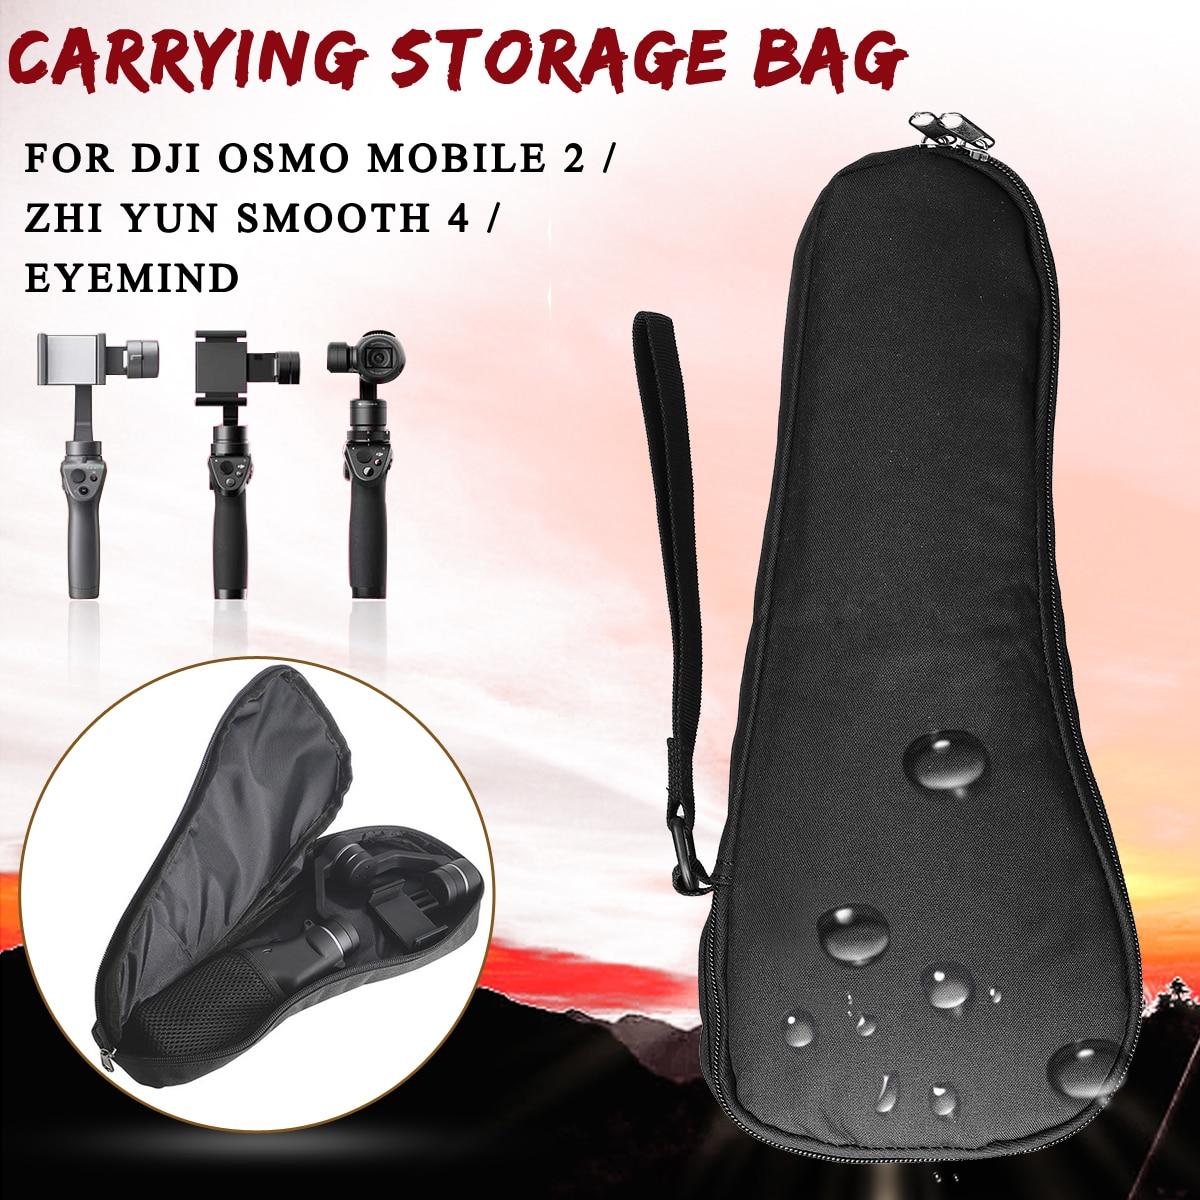 Tragbare Wasserdichte Handheld Tasche Paket Schutz Lagerung Fall Für DJI für OSMO Mobile 2/für Zhi Yun Glatte 4 /für Eyemind